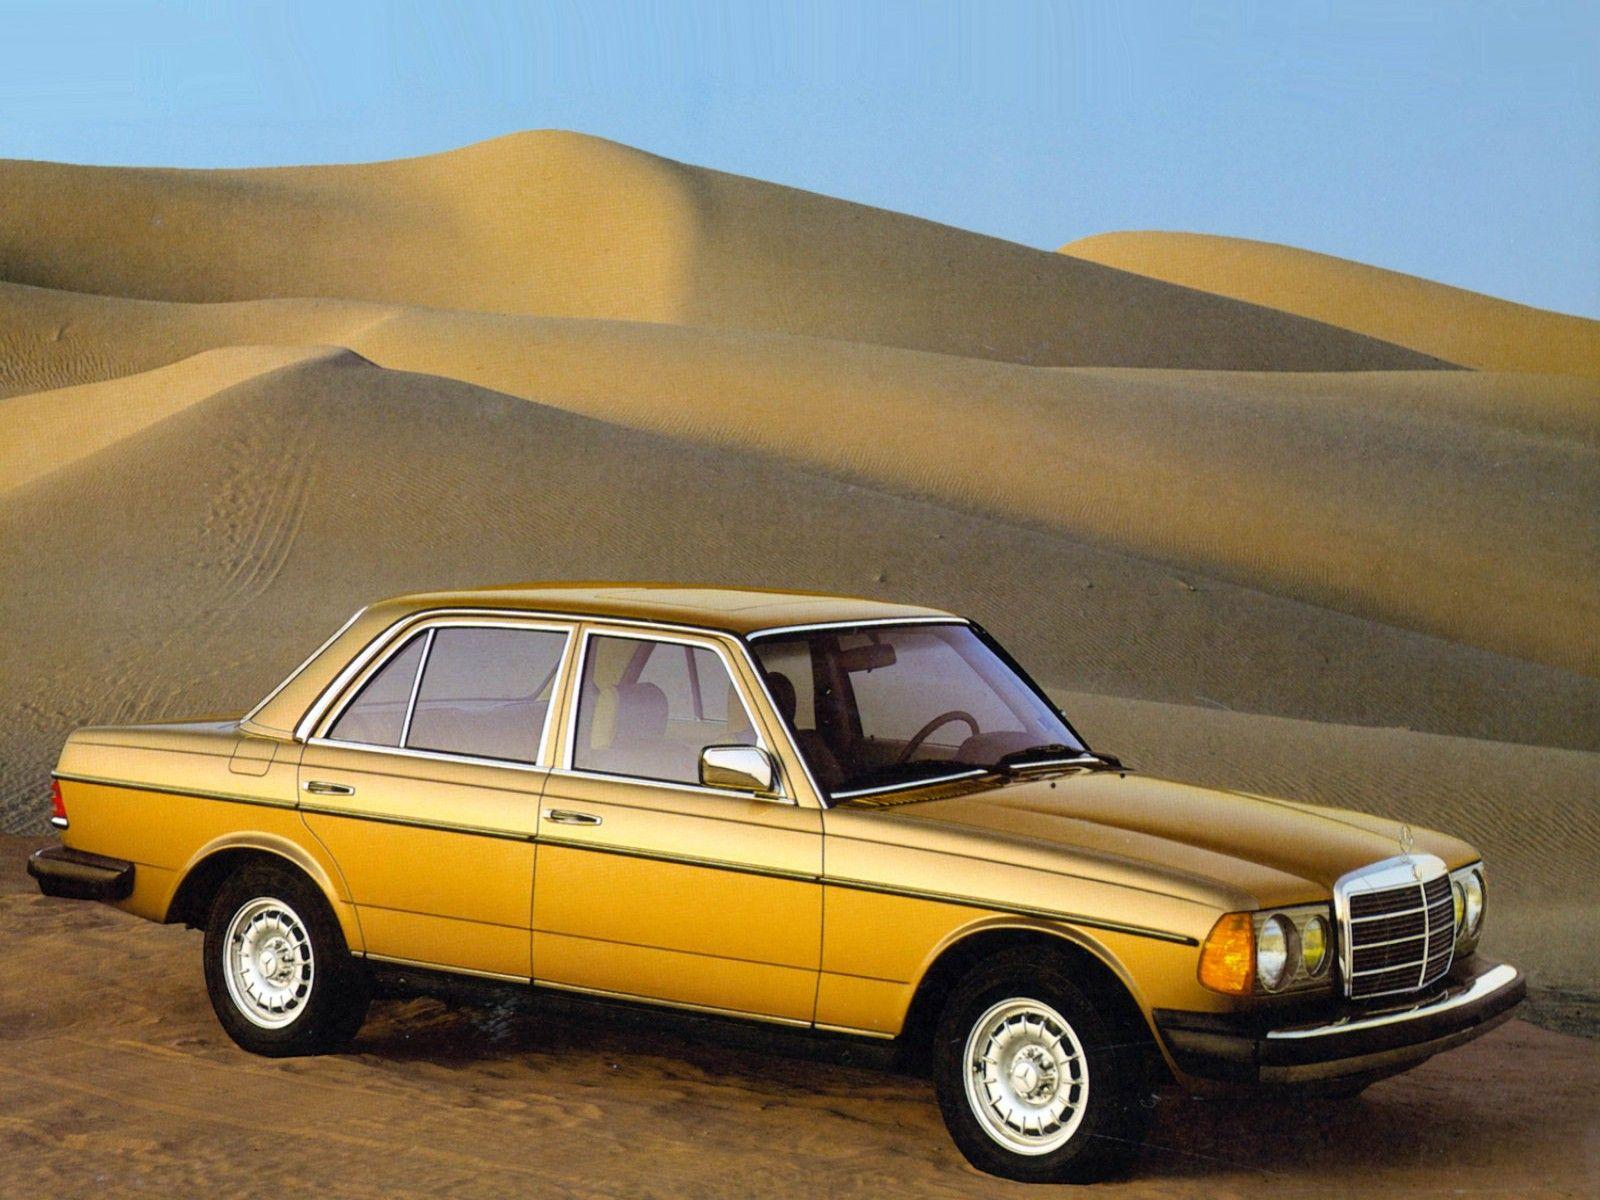 Mercedes Benz W123 300D Turbo 1985